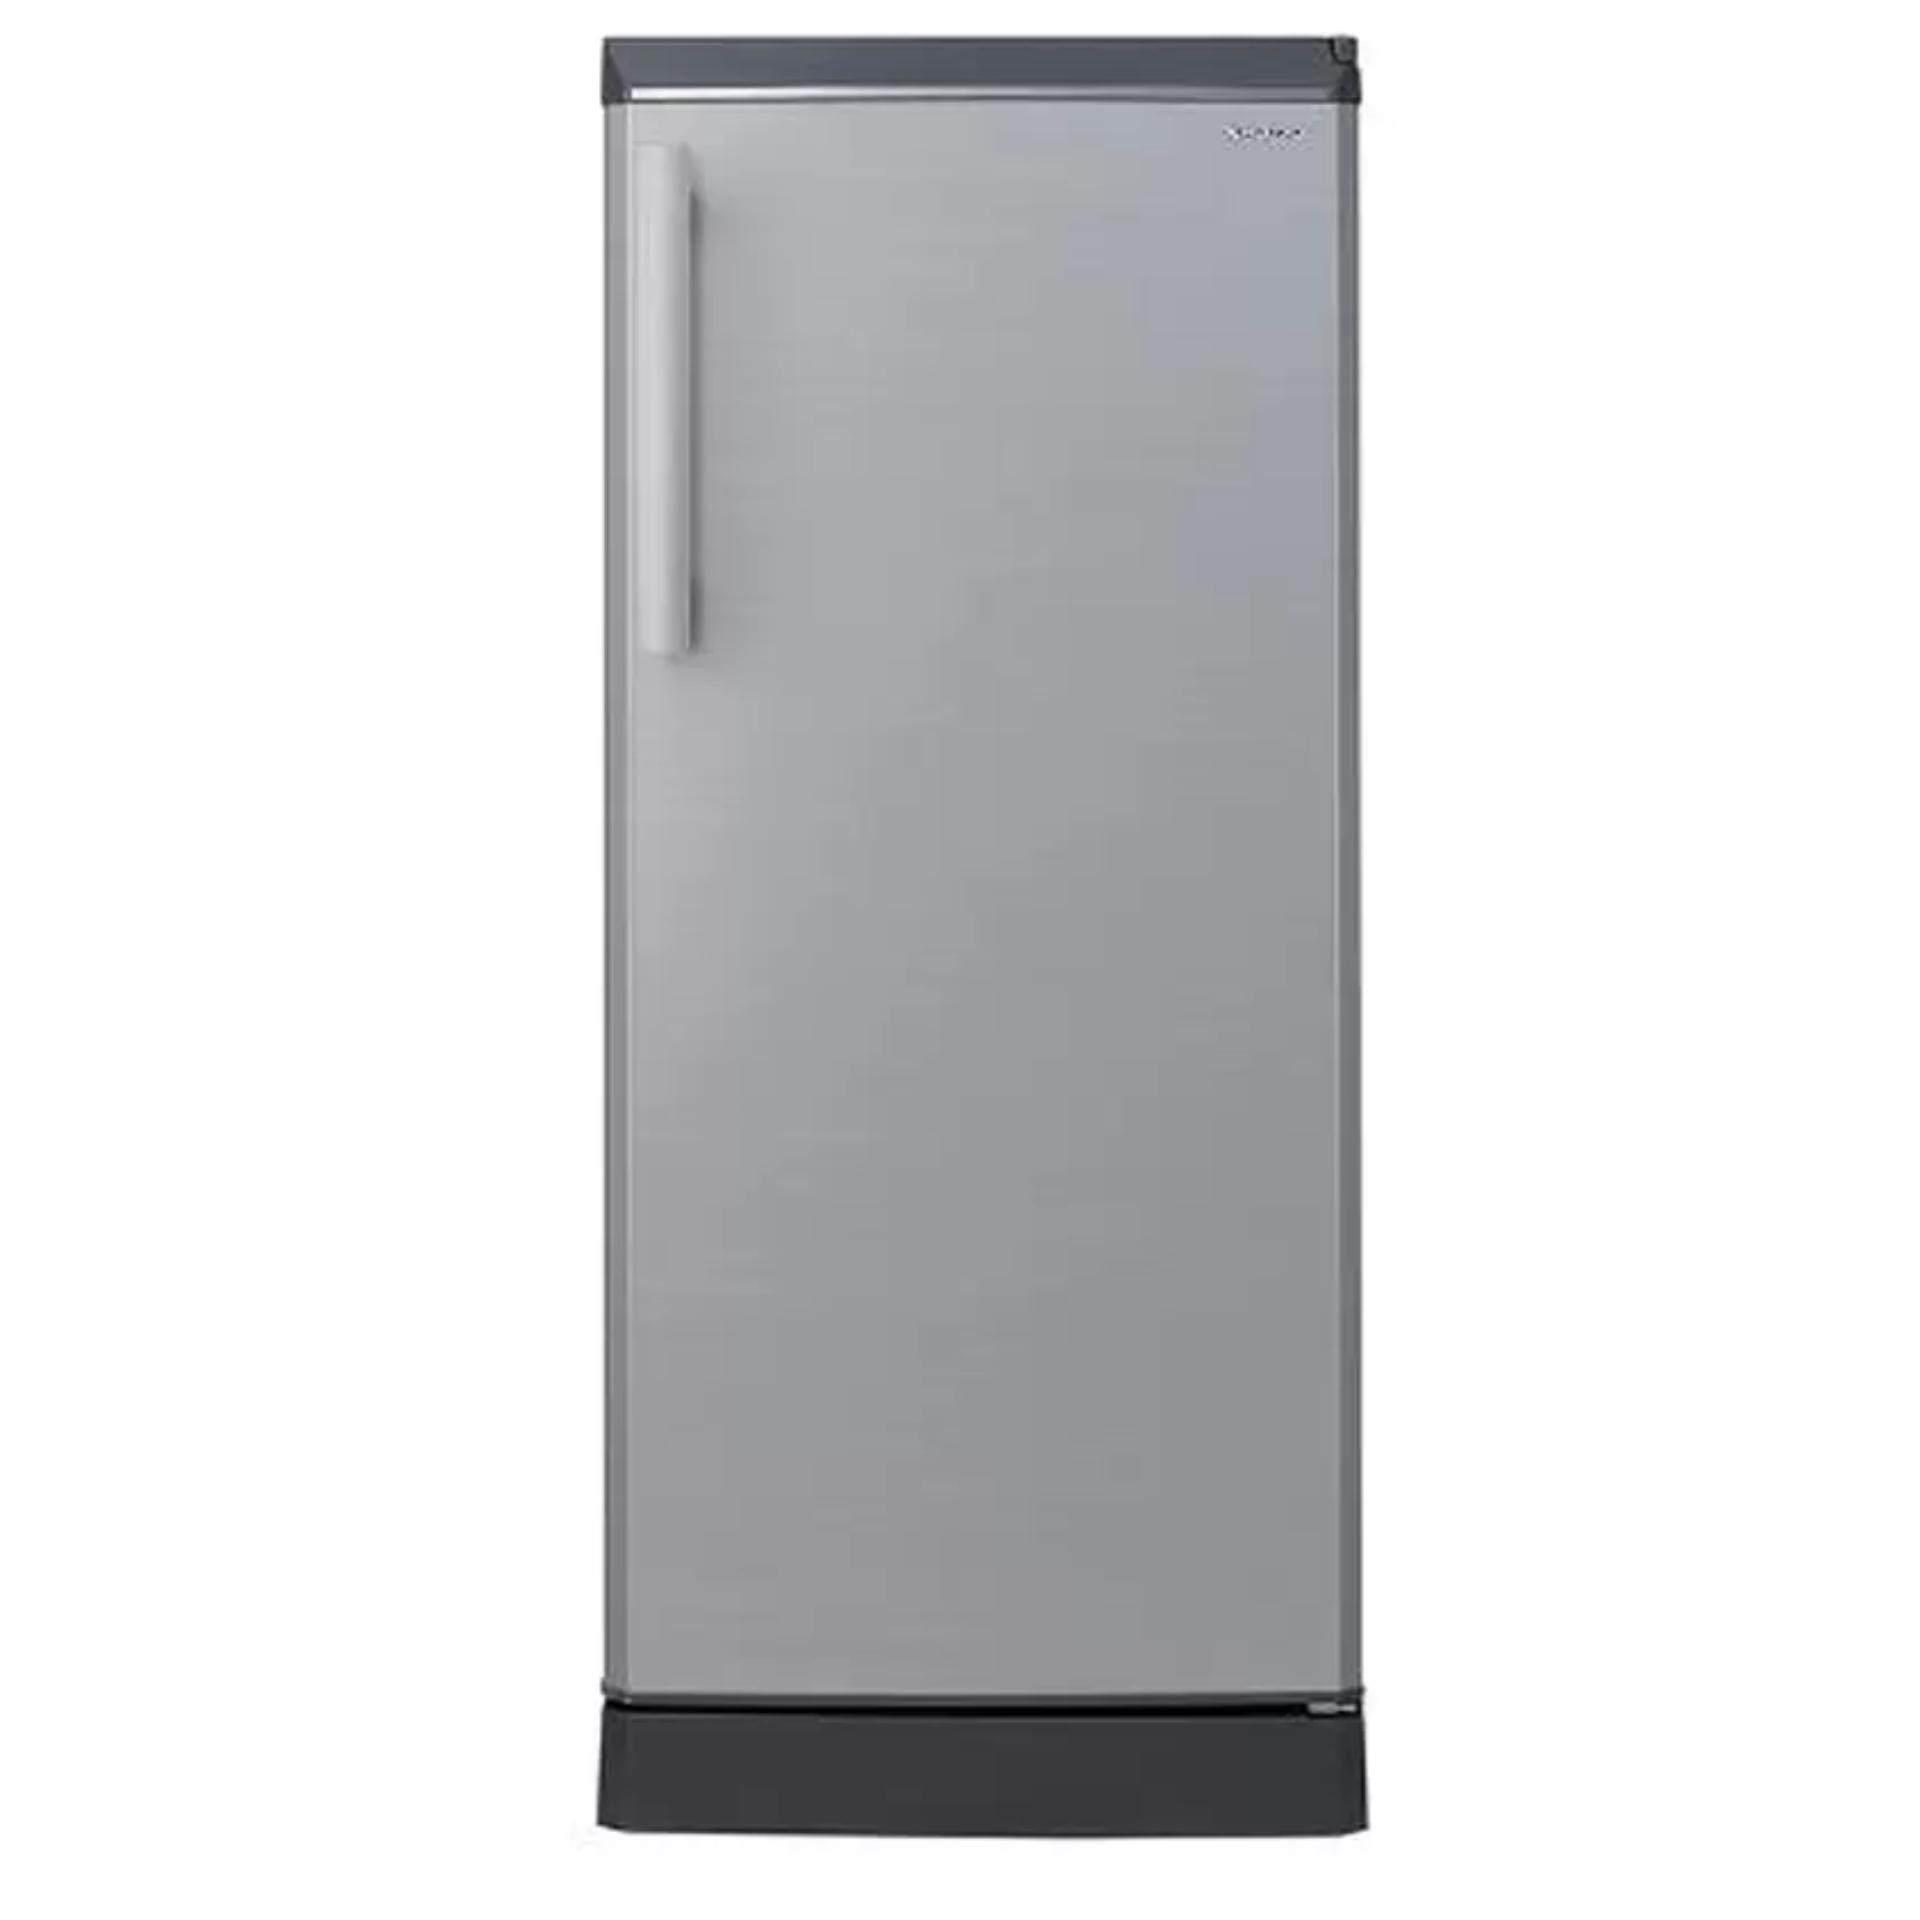 sharp fridge. sharp fridge